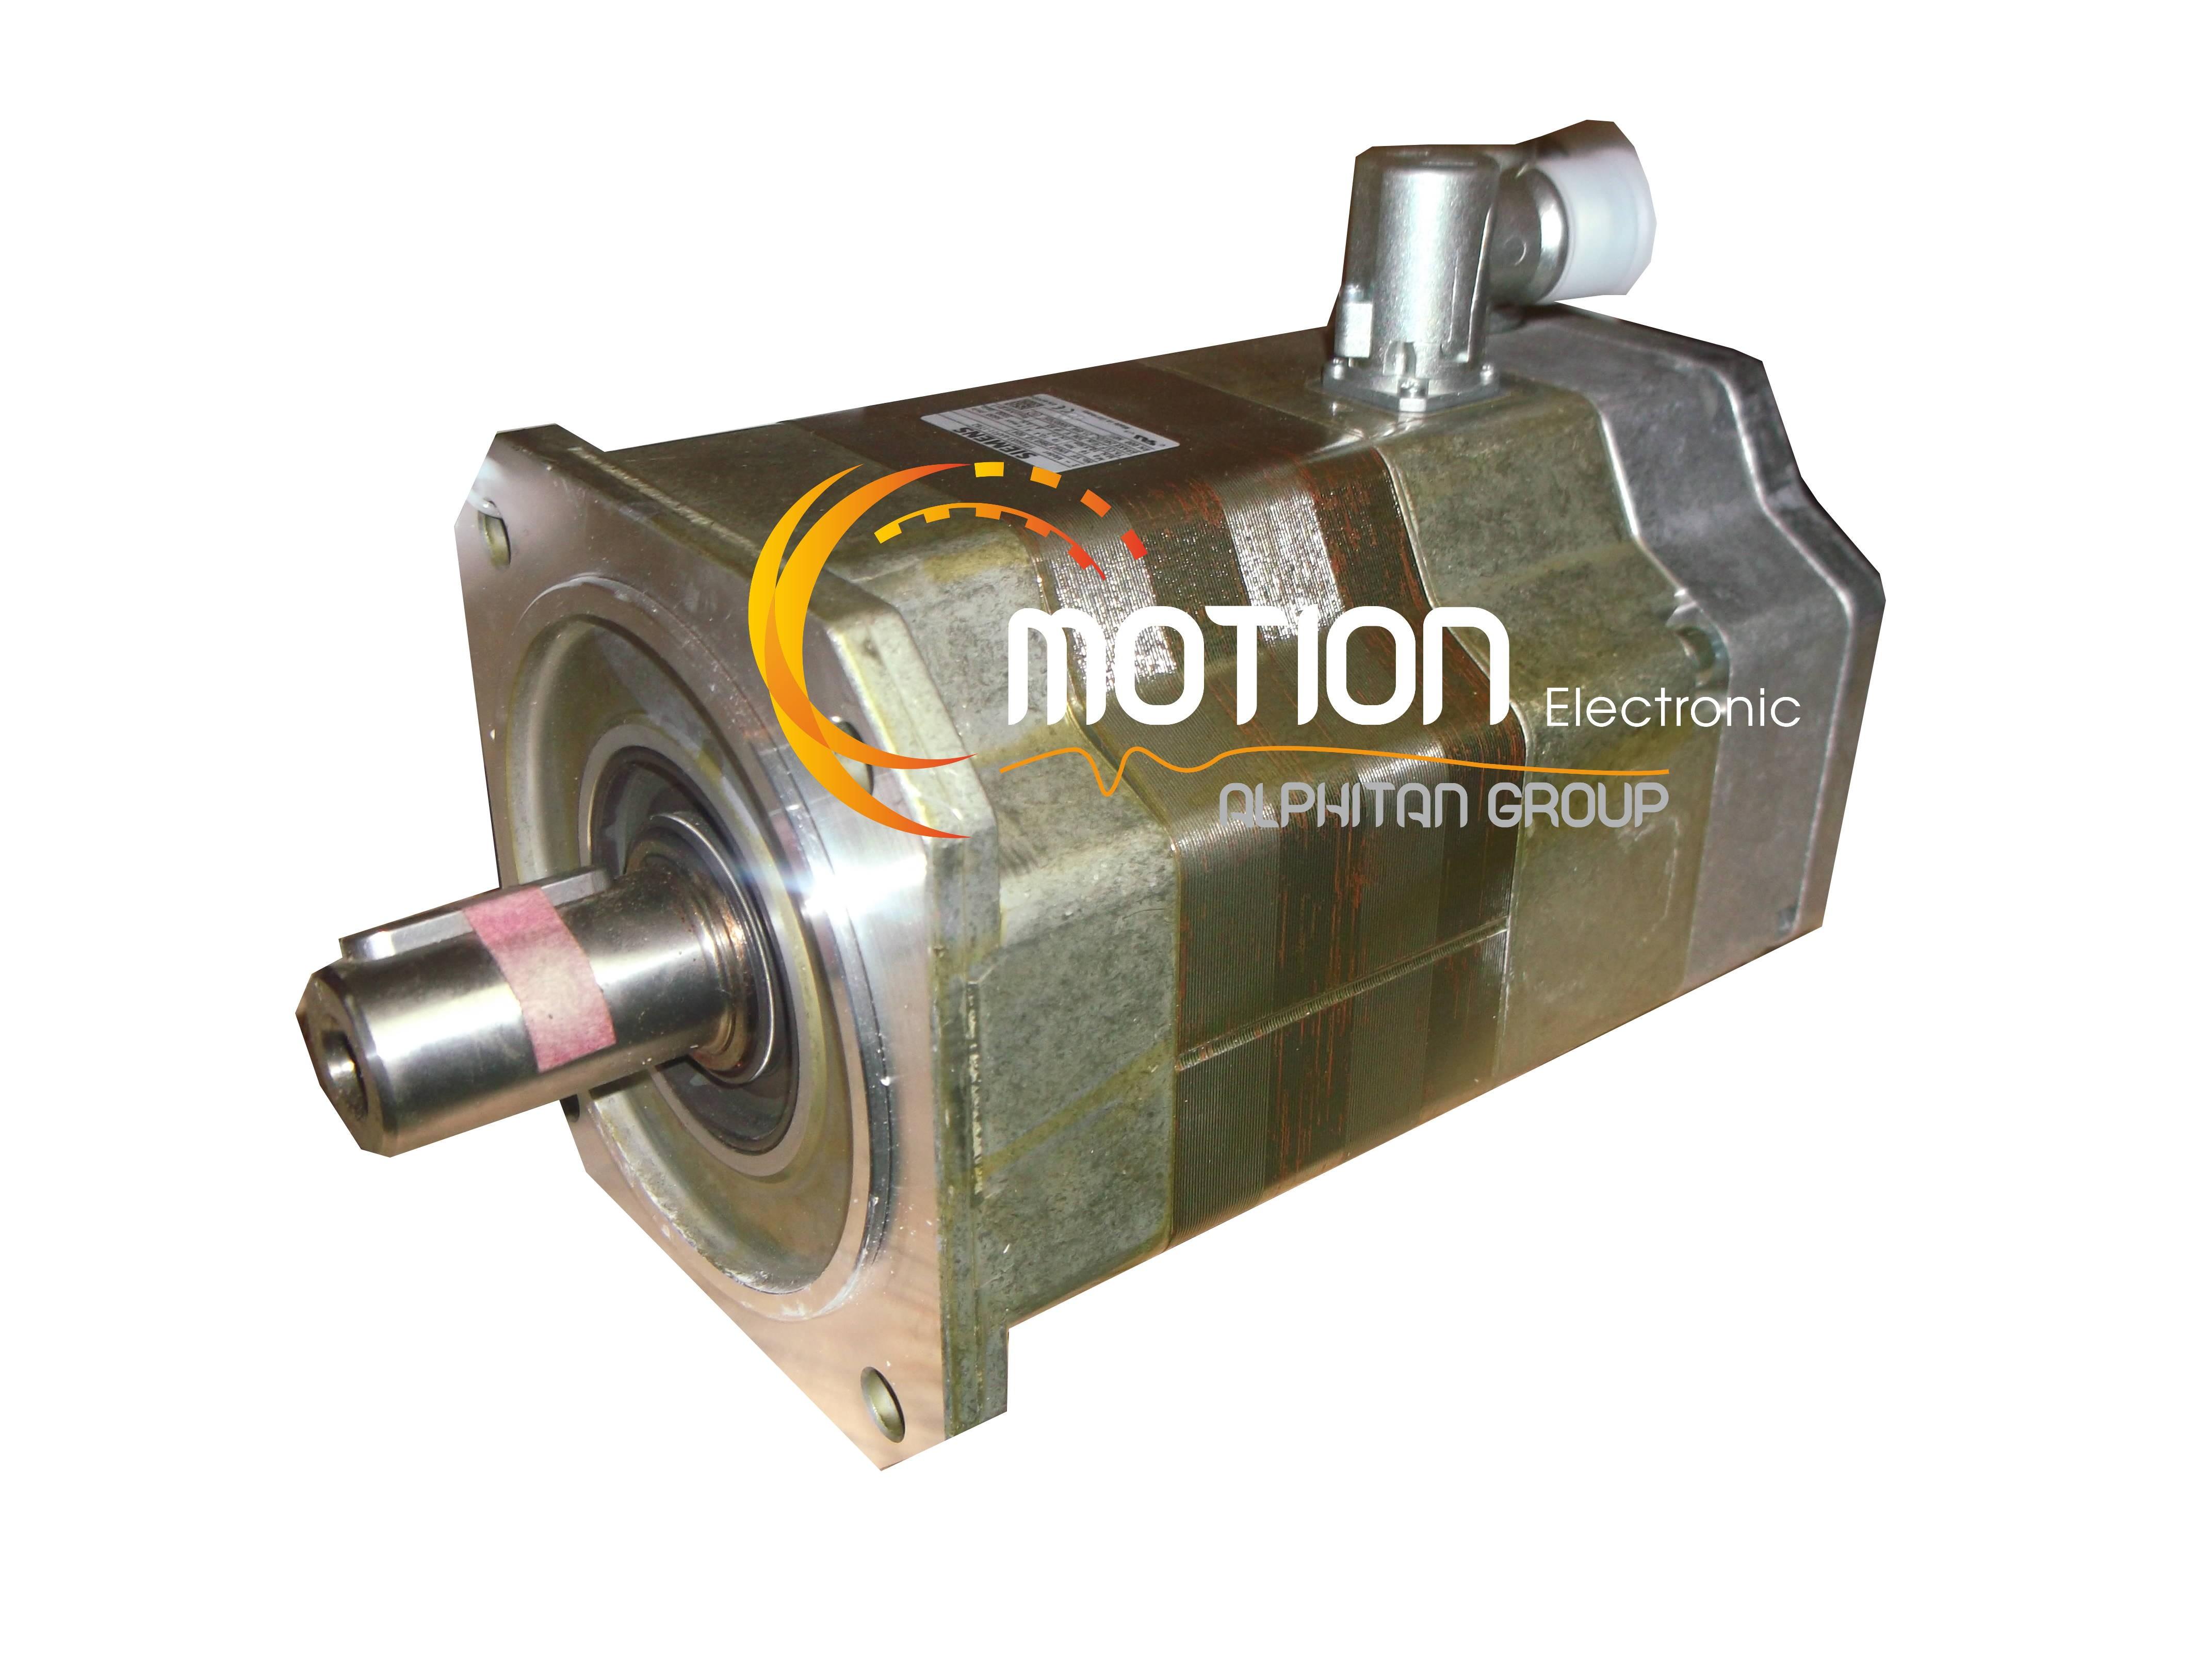 Siemens 1fk6083 6af71 1ah0 motor for Siemens electric motors catalog